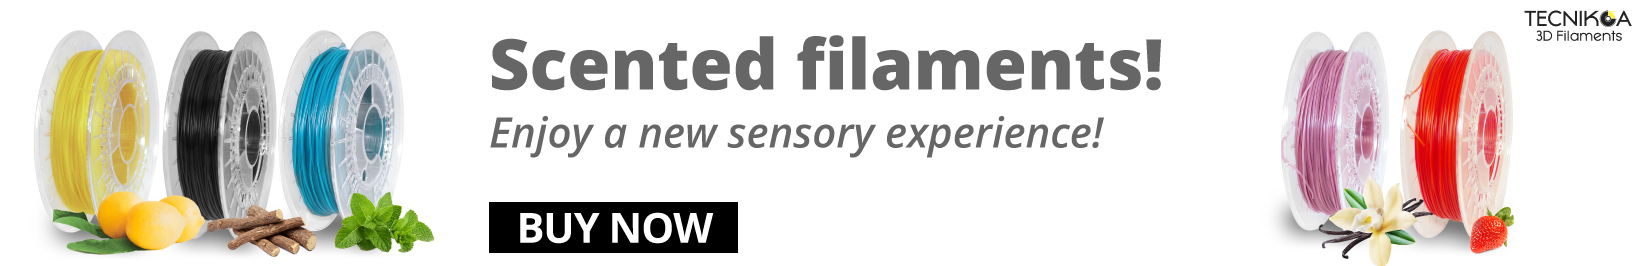 scented 3d filaments